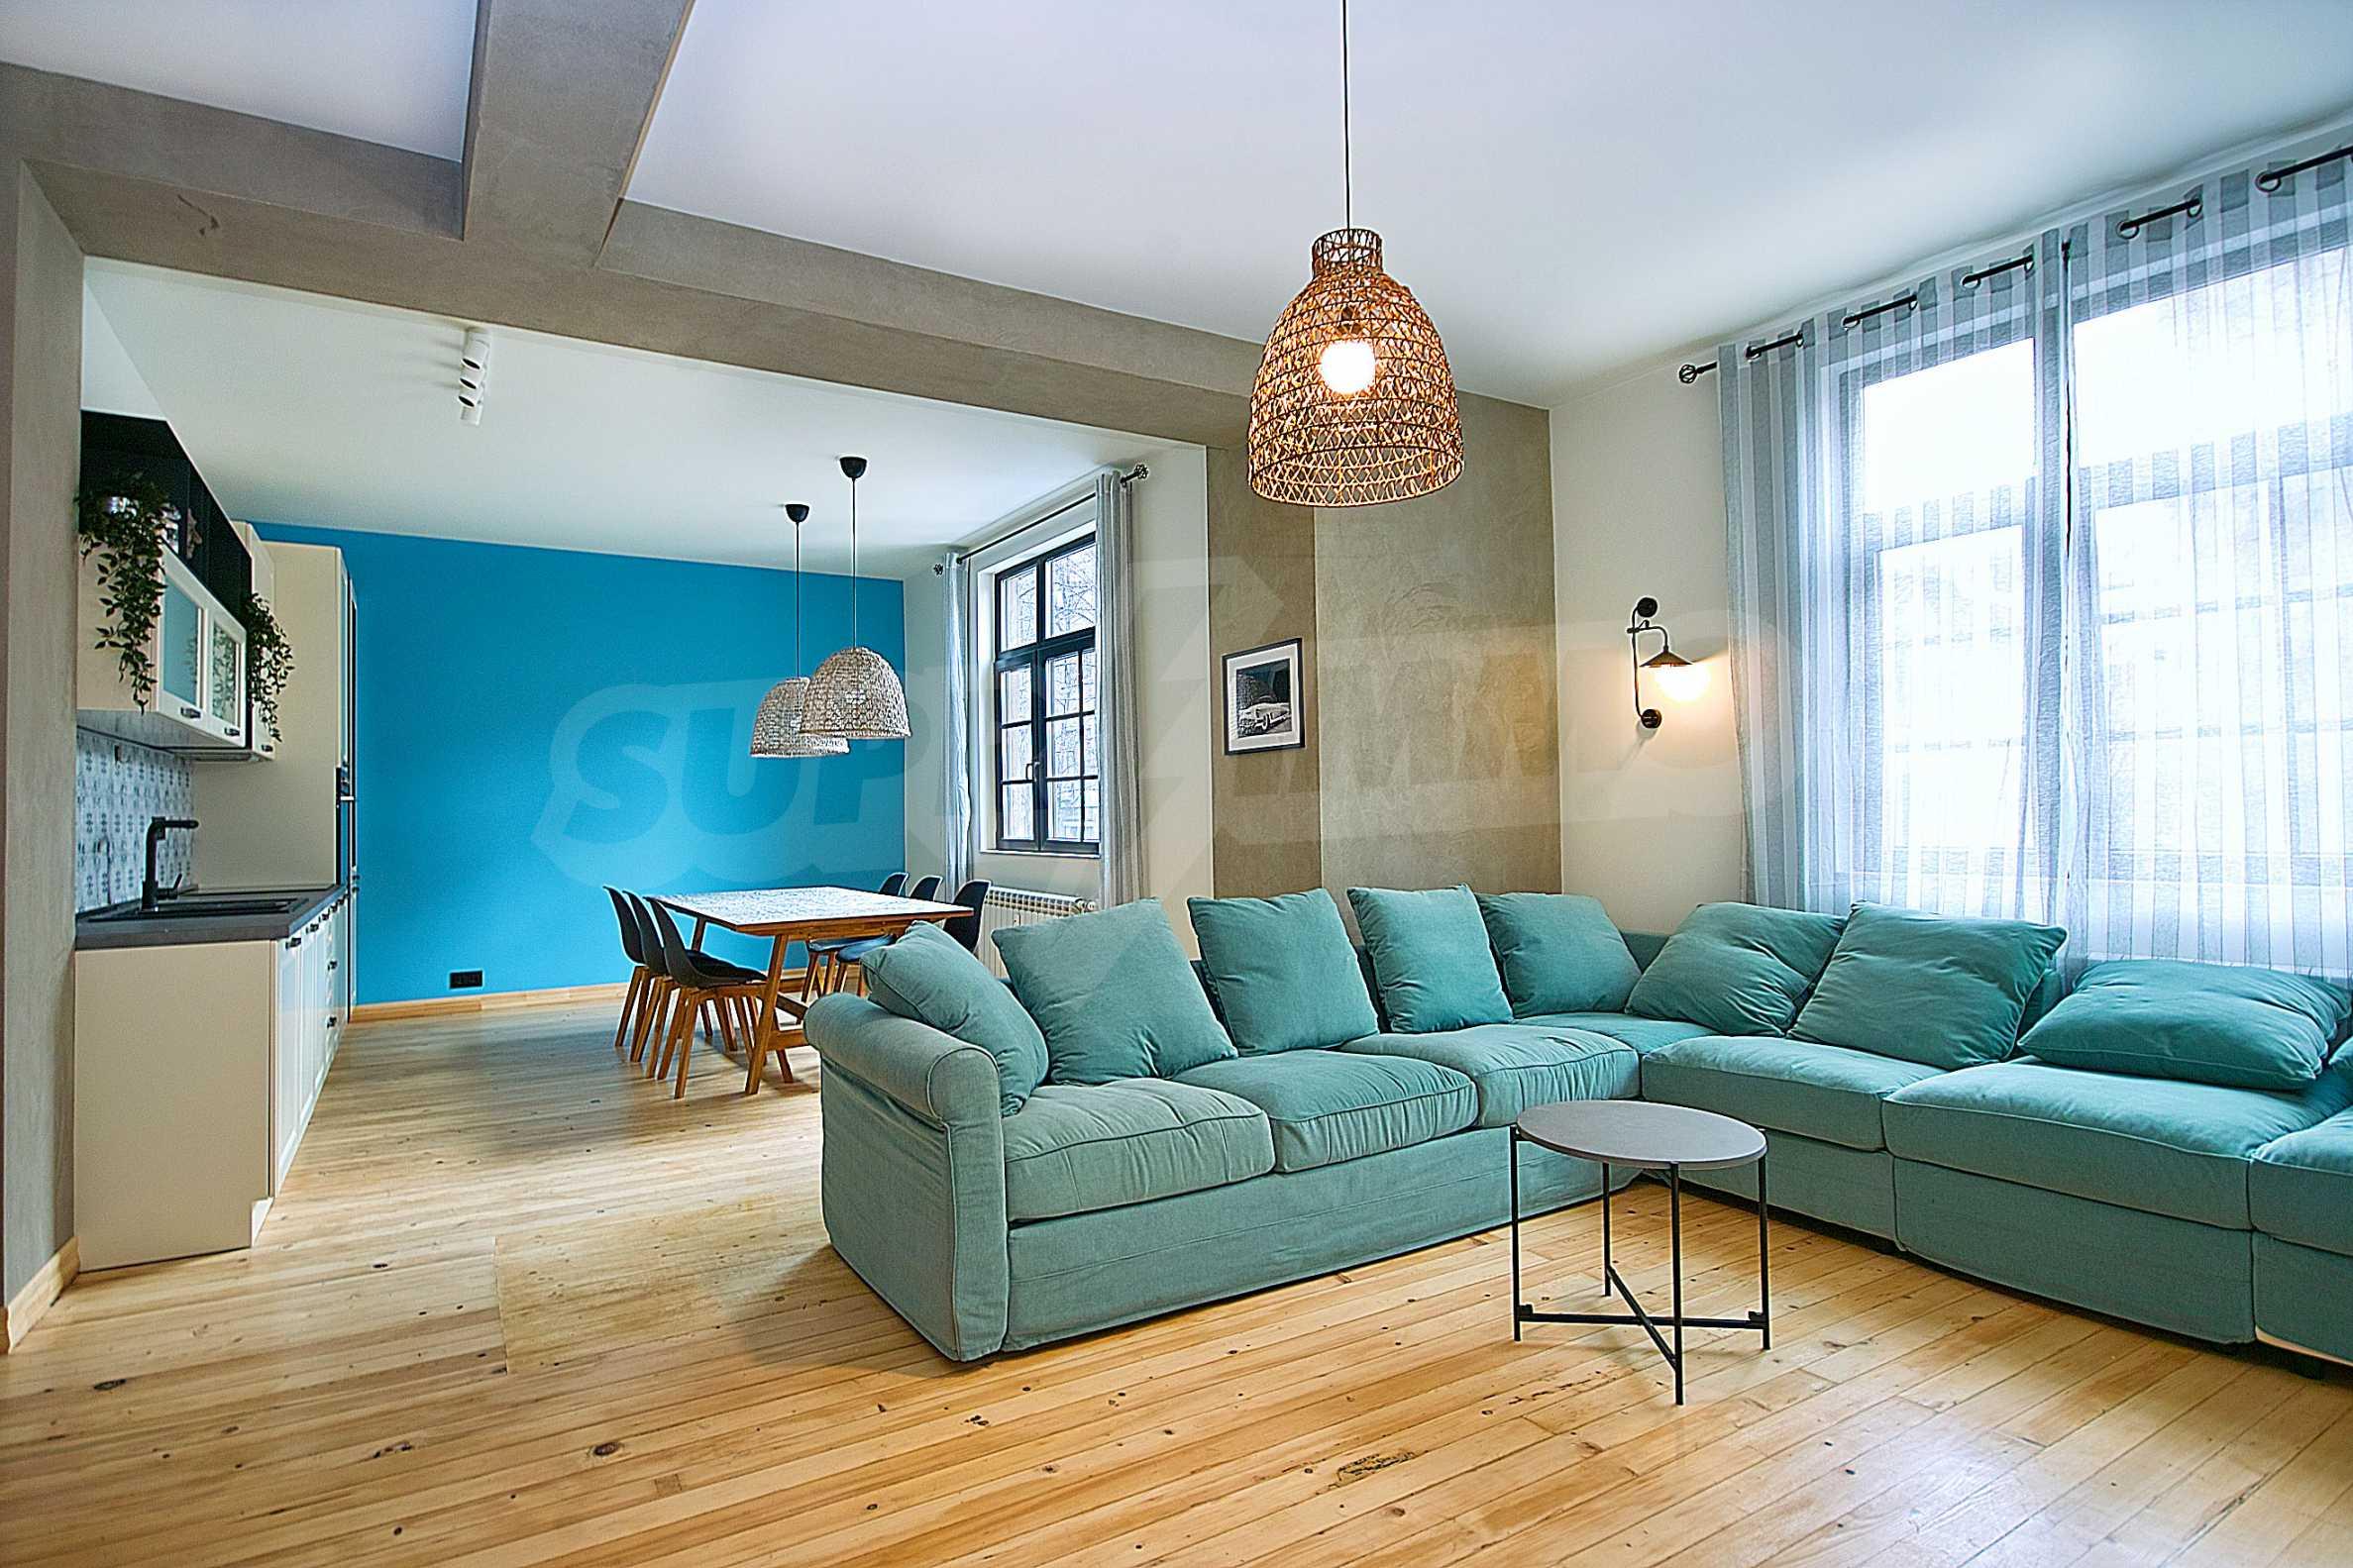 Möblierte Wohnung mit zwei Schlafzimmern in der Mitte 3